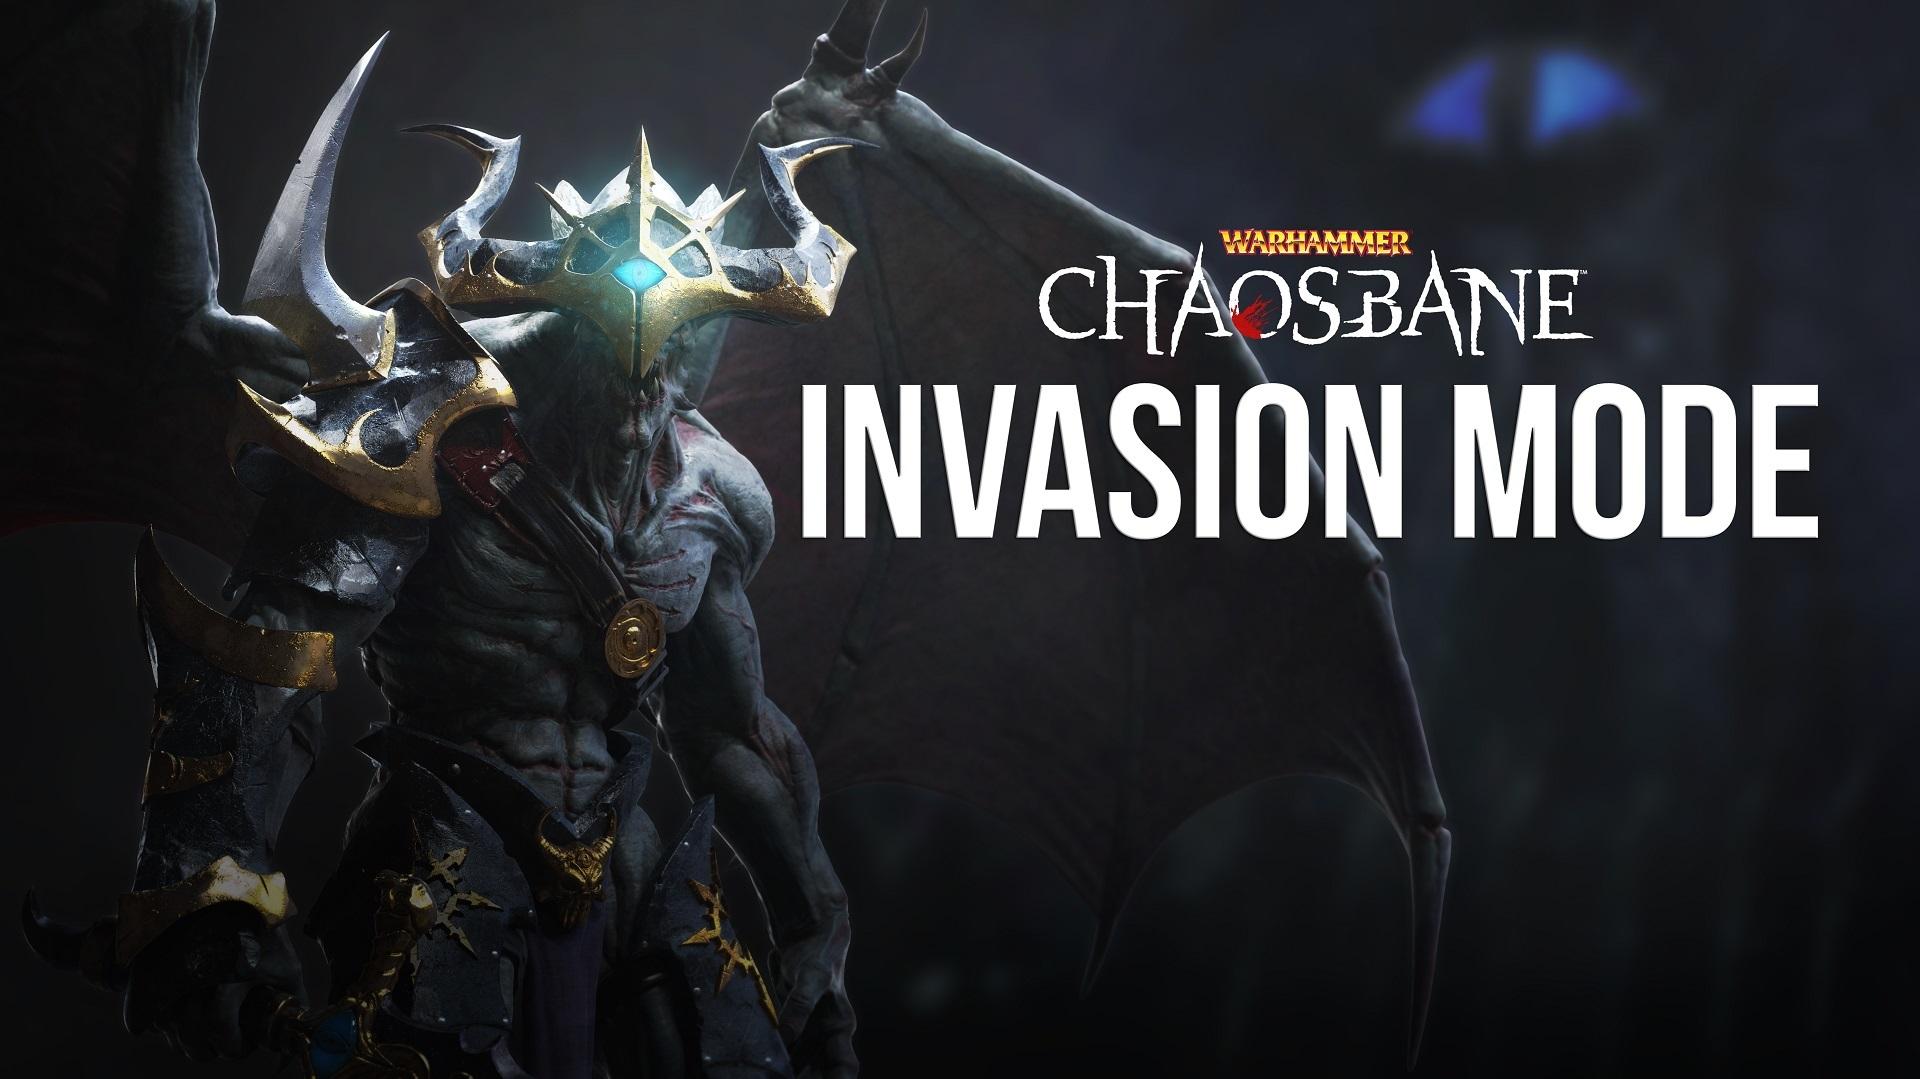 Warhammer Chaosbane v1.02 — Invasion